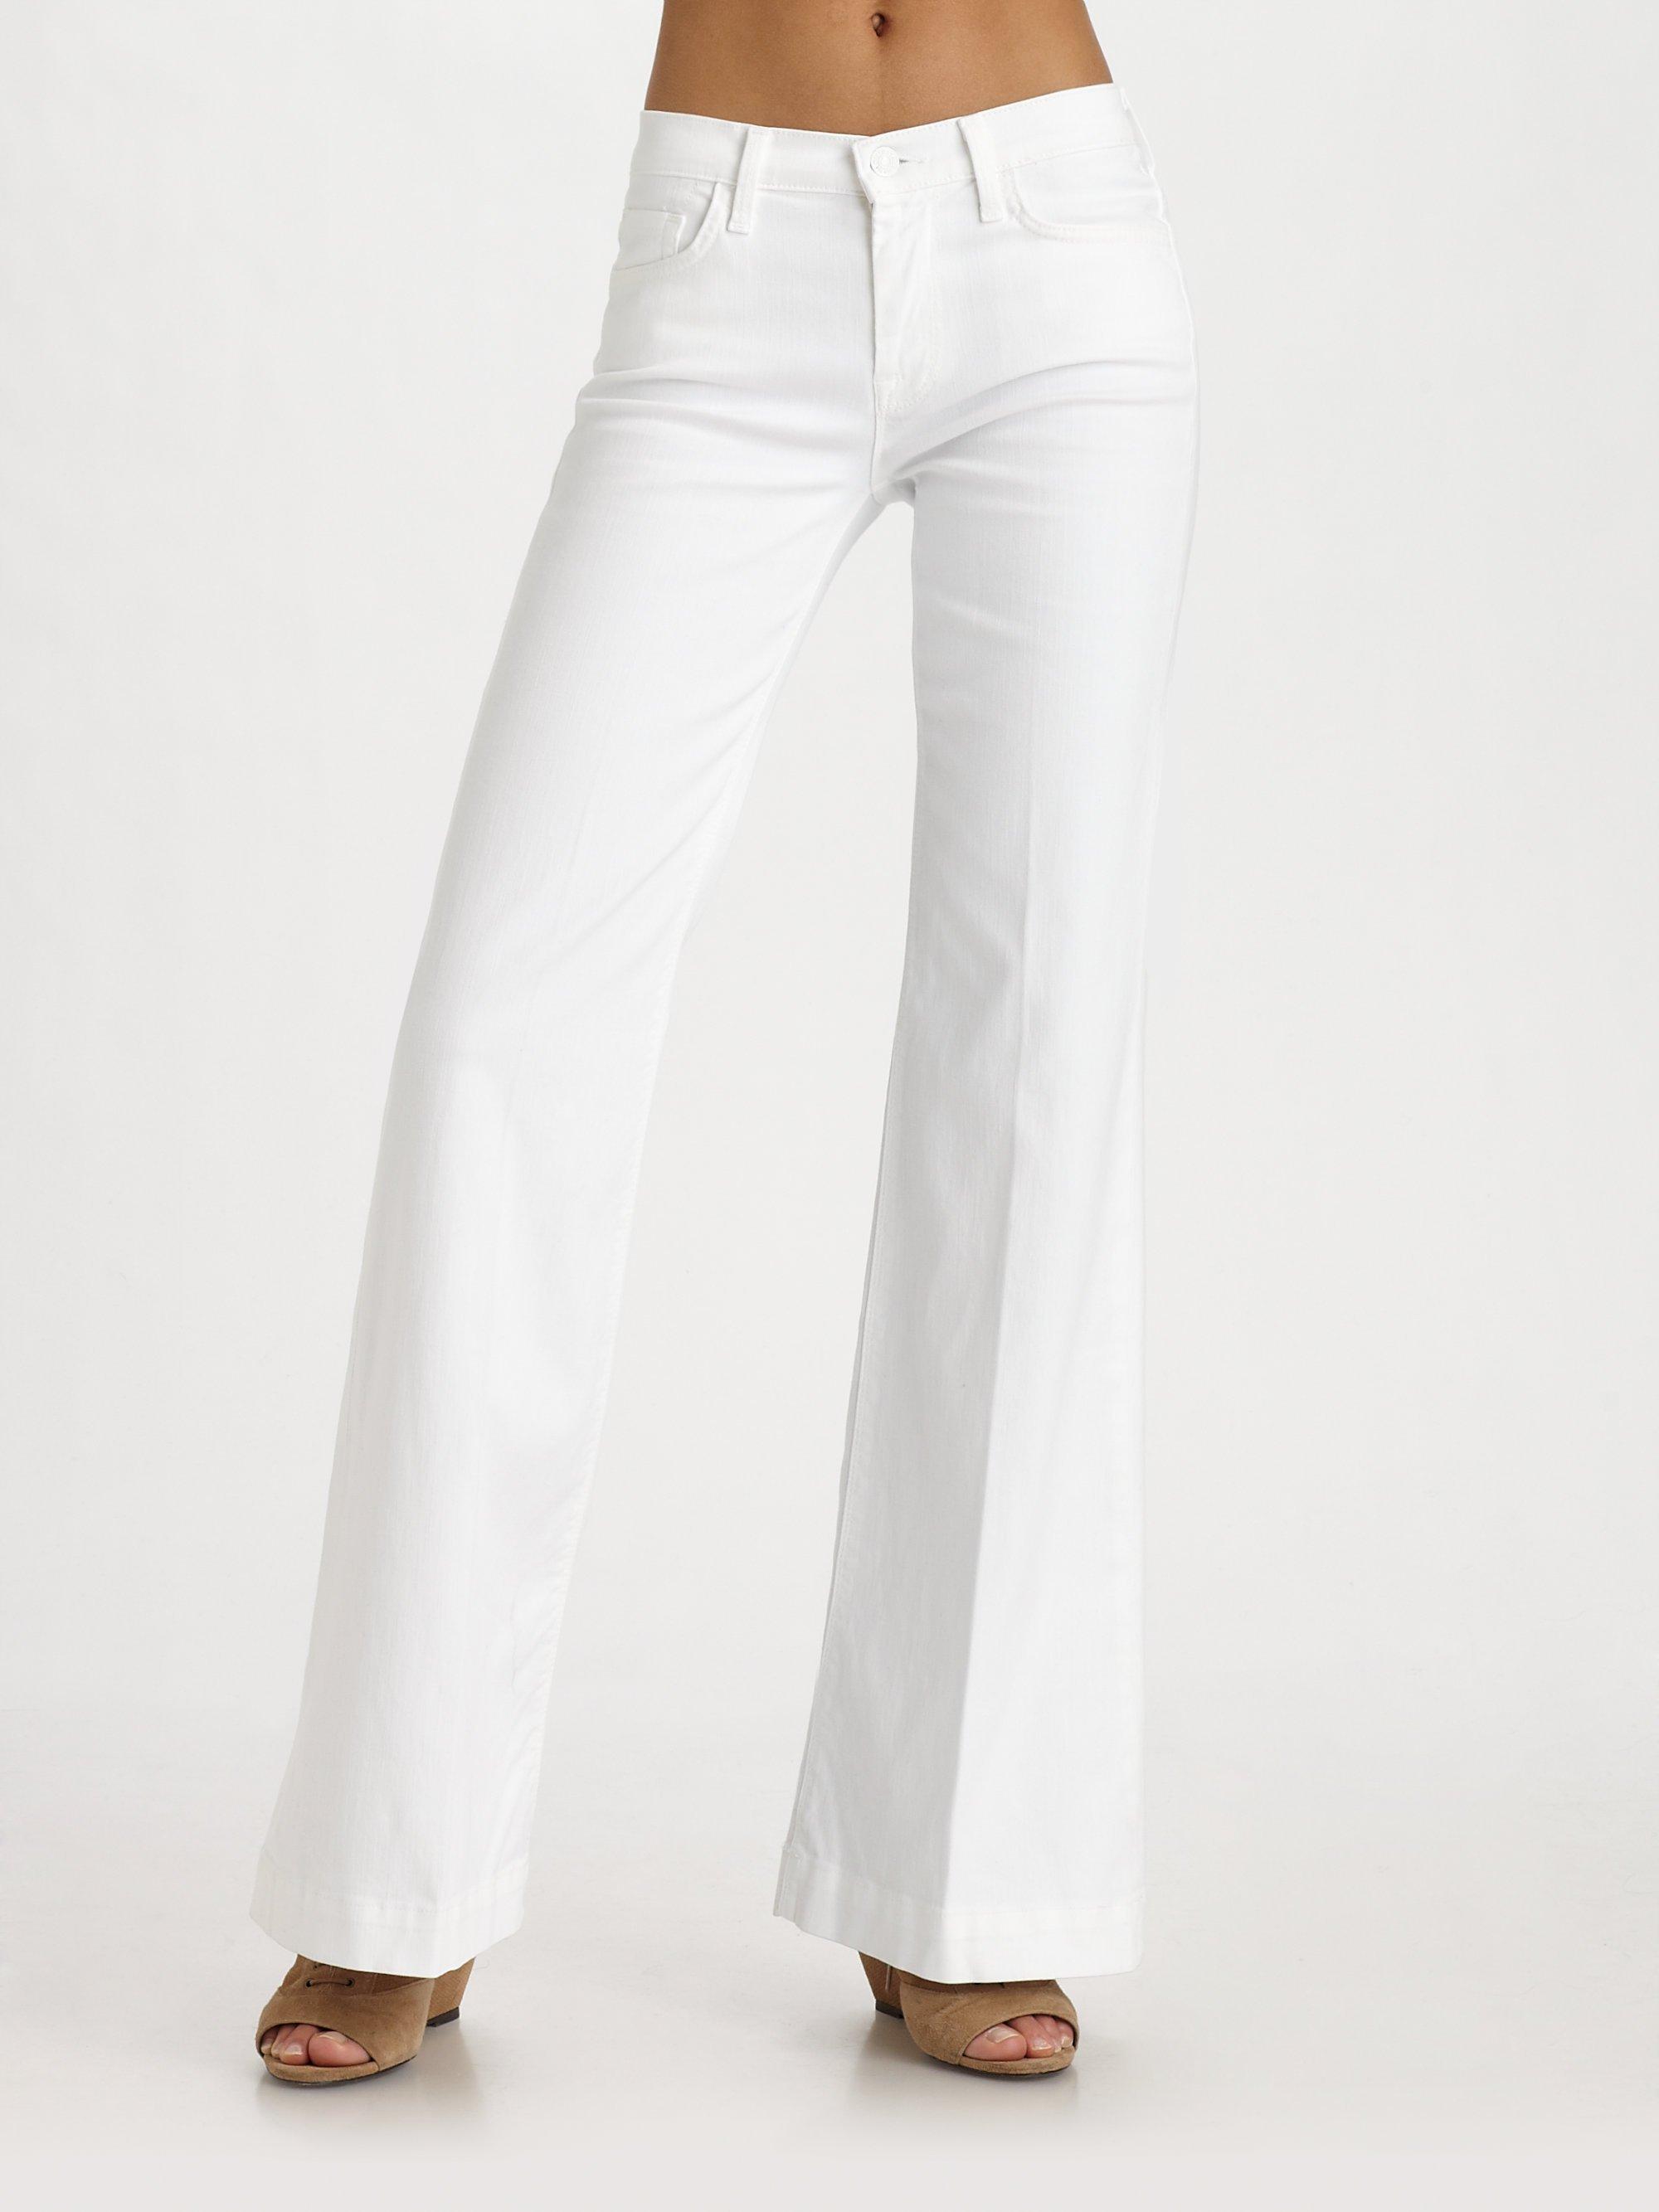 Women S Carhartt Jeans